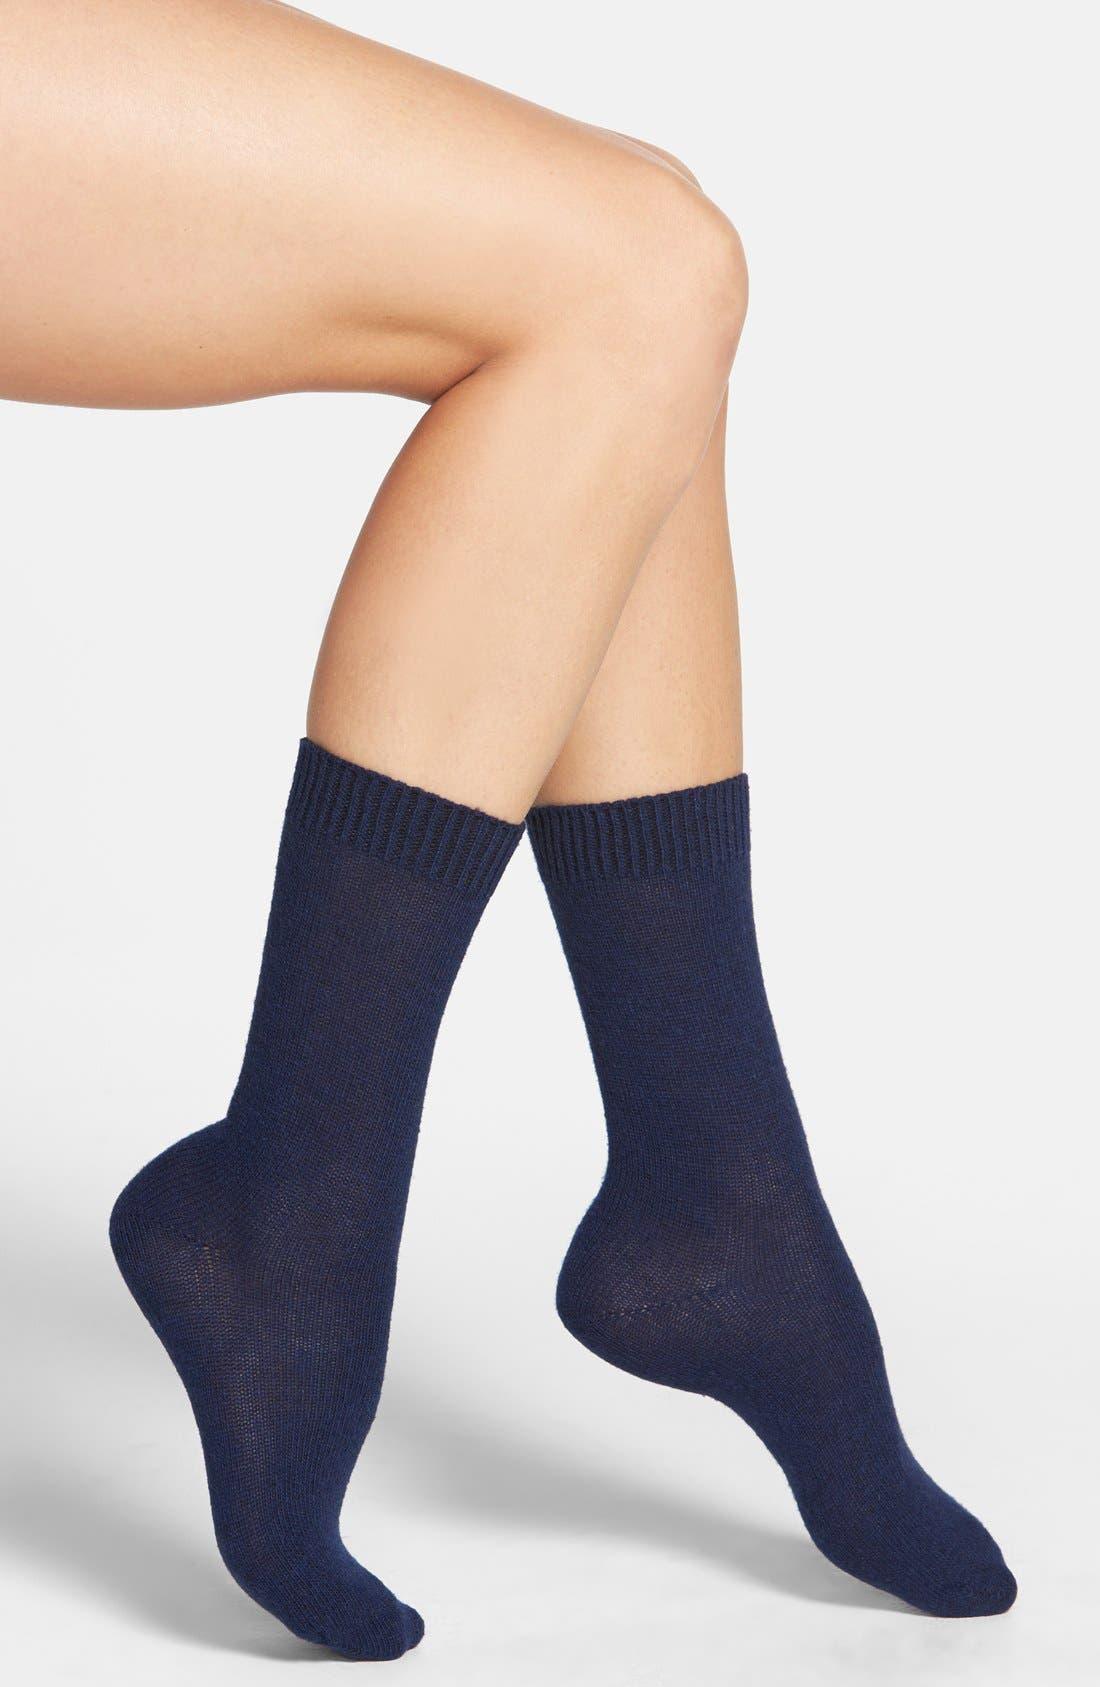 Nordstrom 'Luxury' Crew Socks